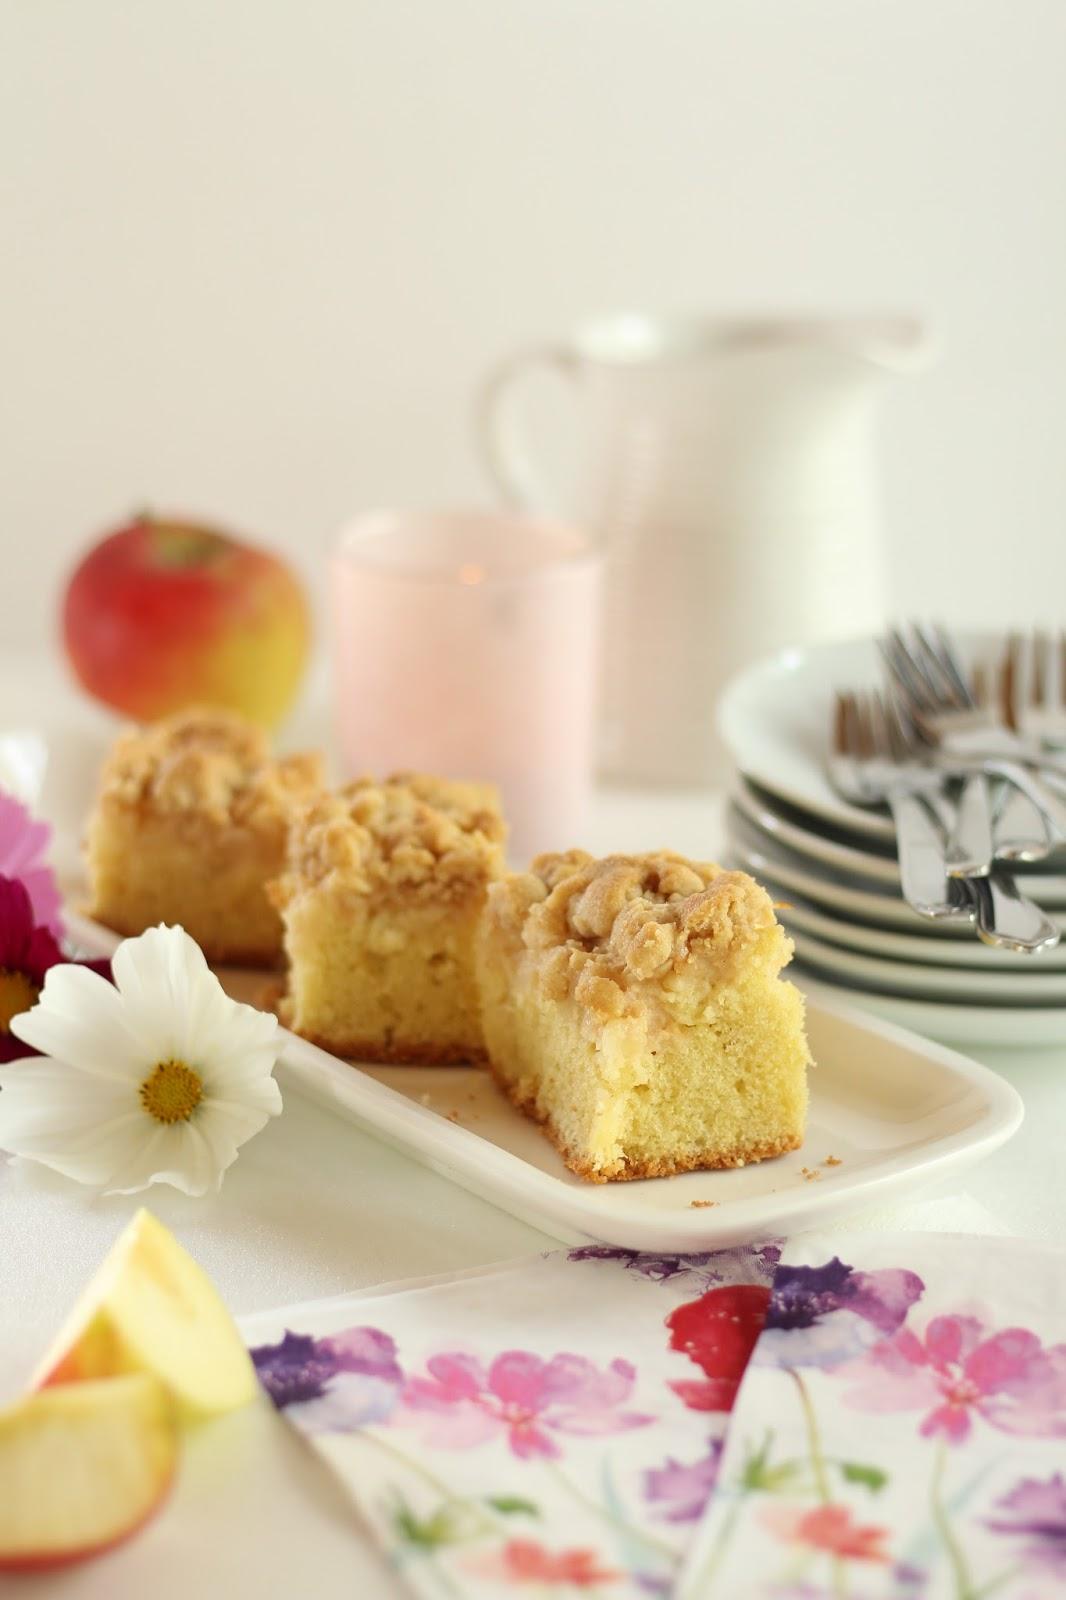 Der klassische Apfelkuchen mit Zimtstreuseln als Krönung